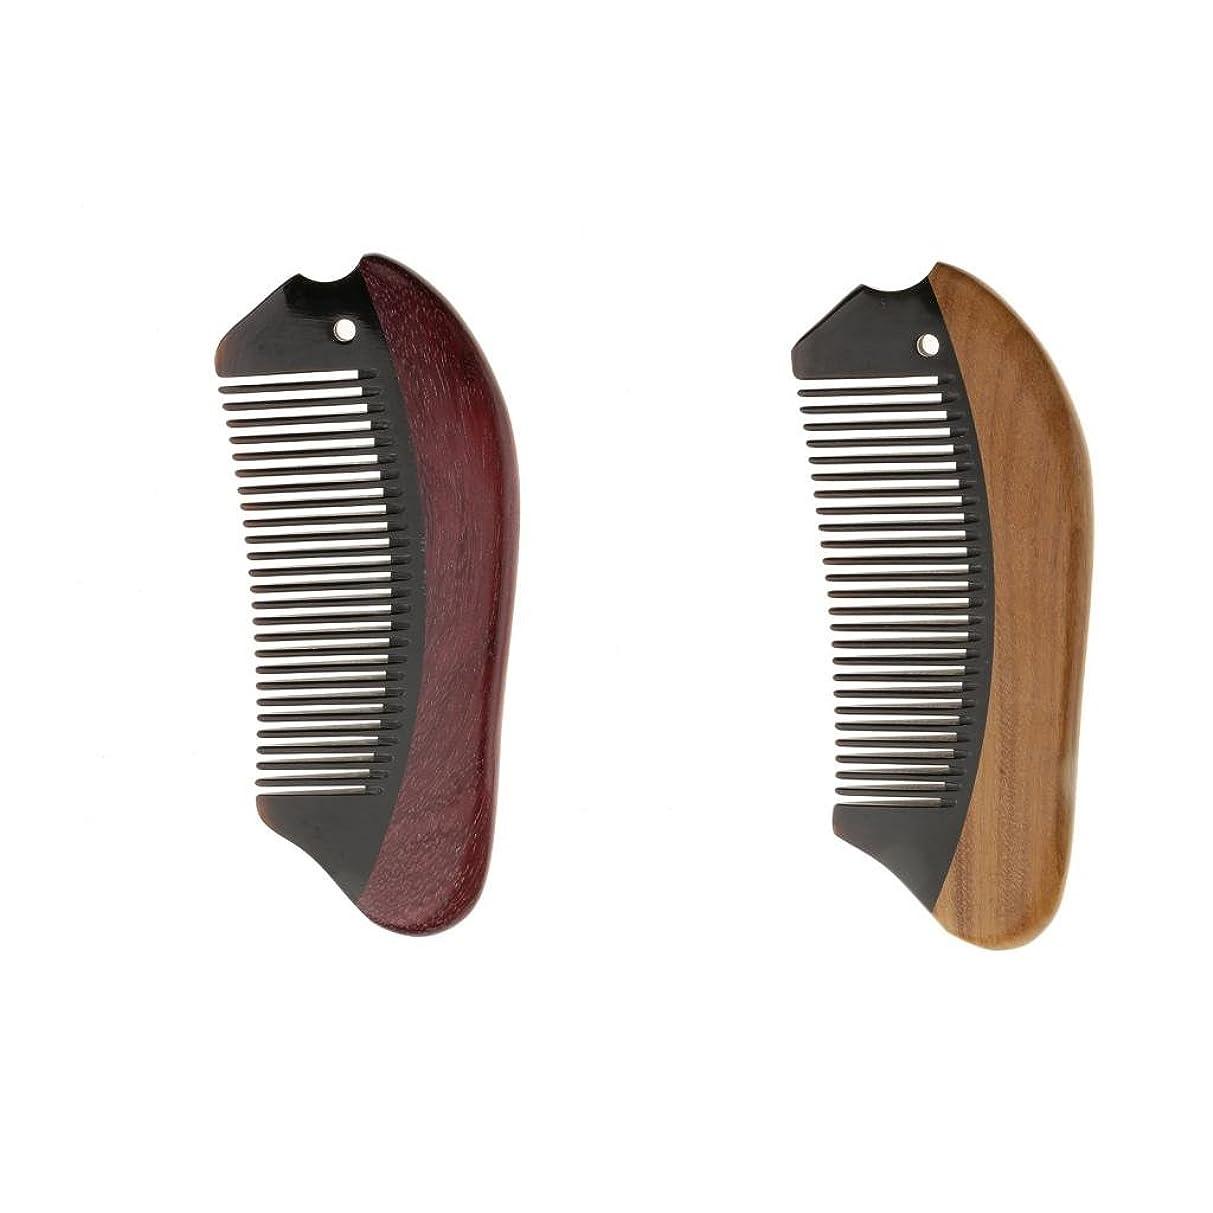 マイクセットアップ確認Homyl 2個 木製 櫛 コーム 静電気防止 マッサージ 高品質 プレゼント 滑らか 快適